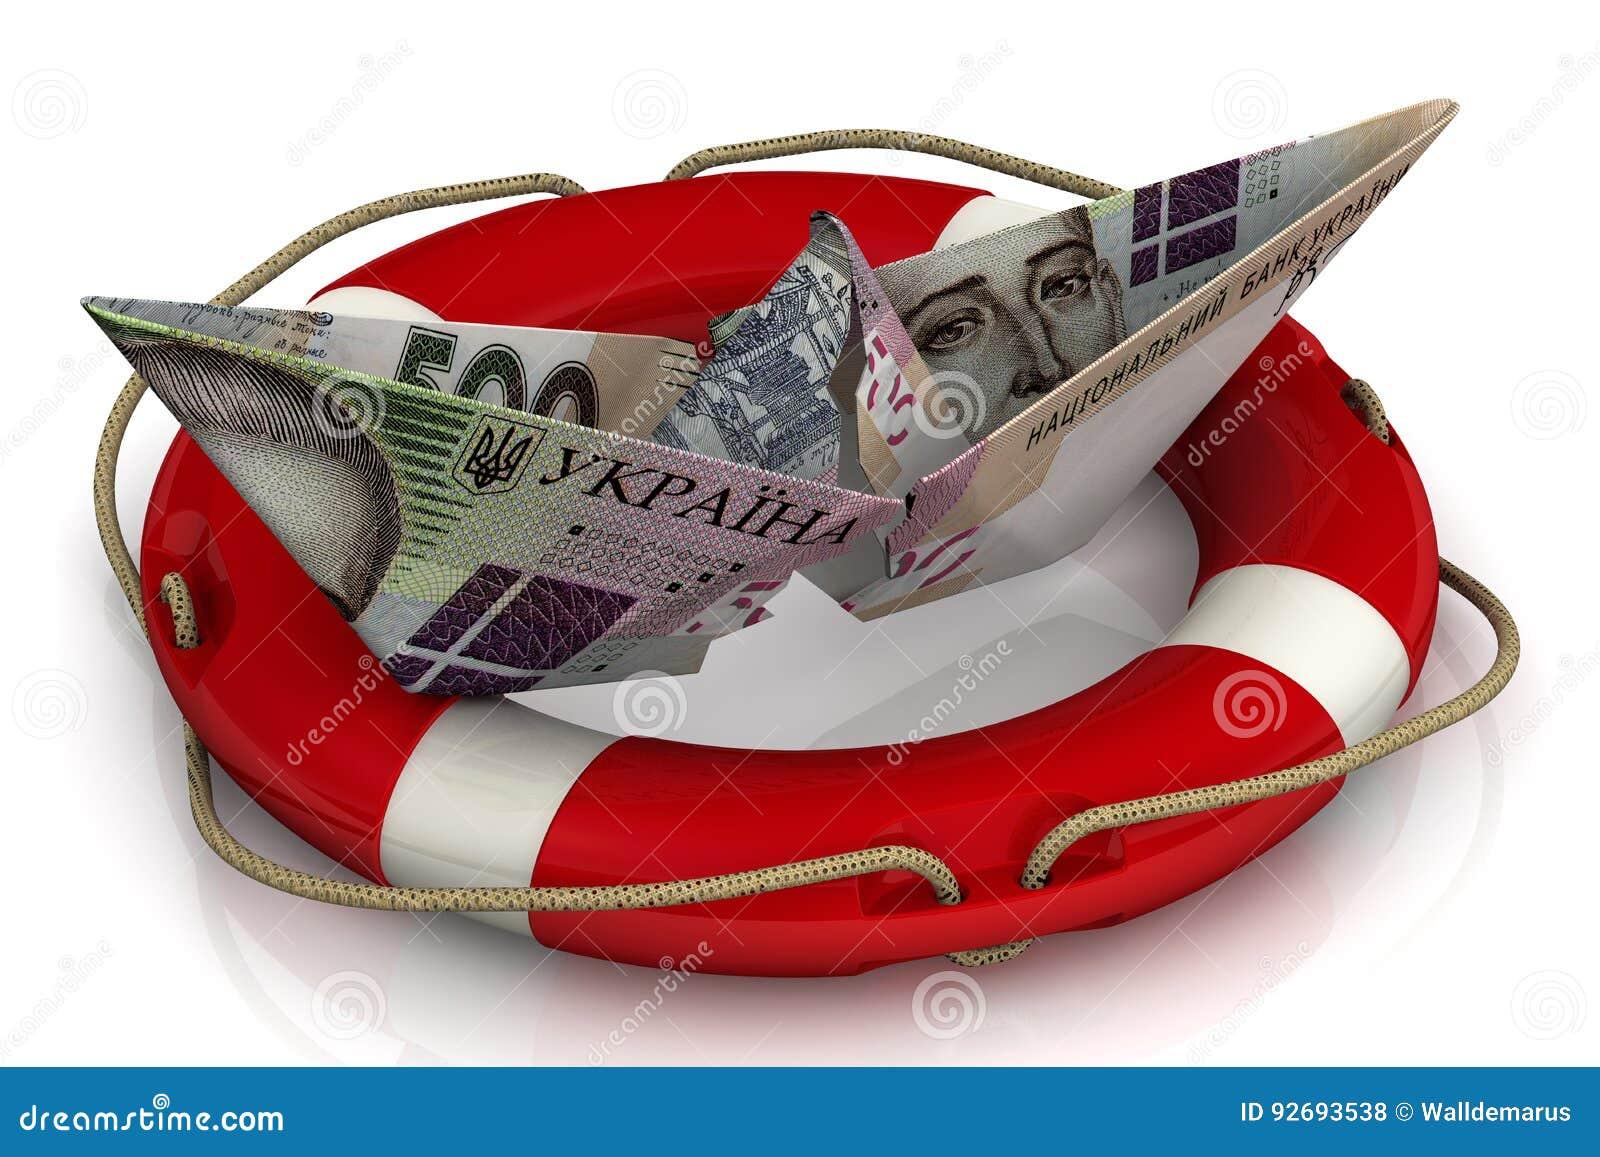 Saving the Ukrainian economy